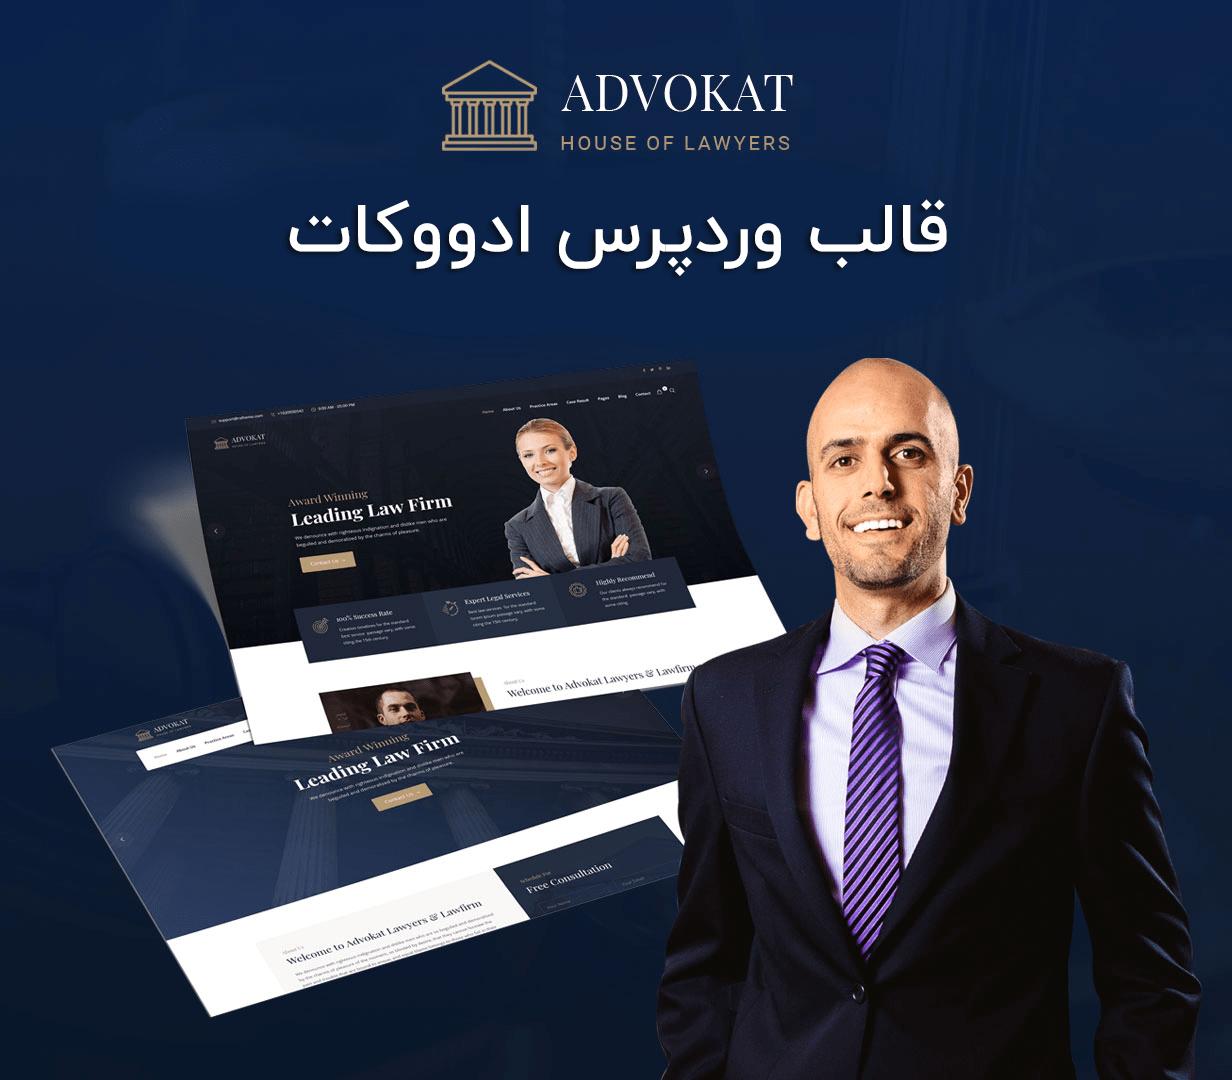 قالب Advokat قالب وردپرس موسسات و مشاورین حقوقی